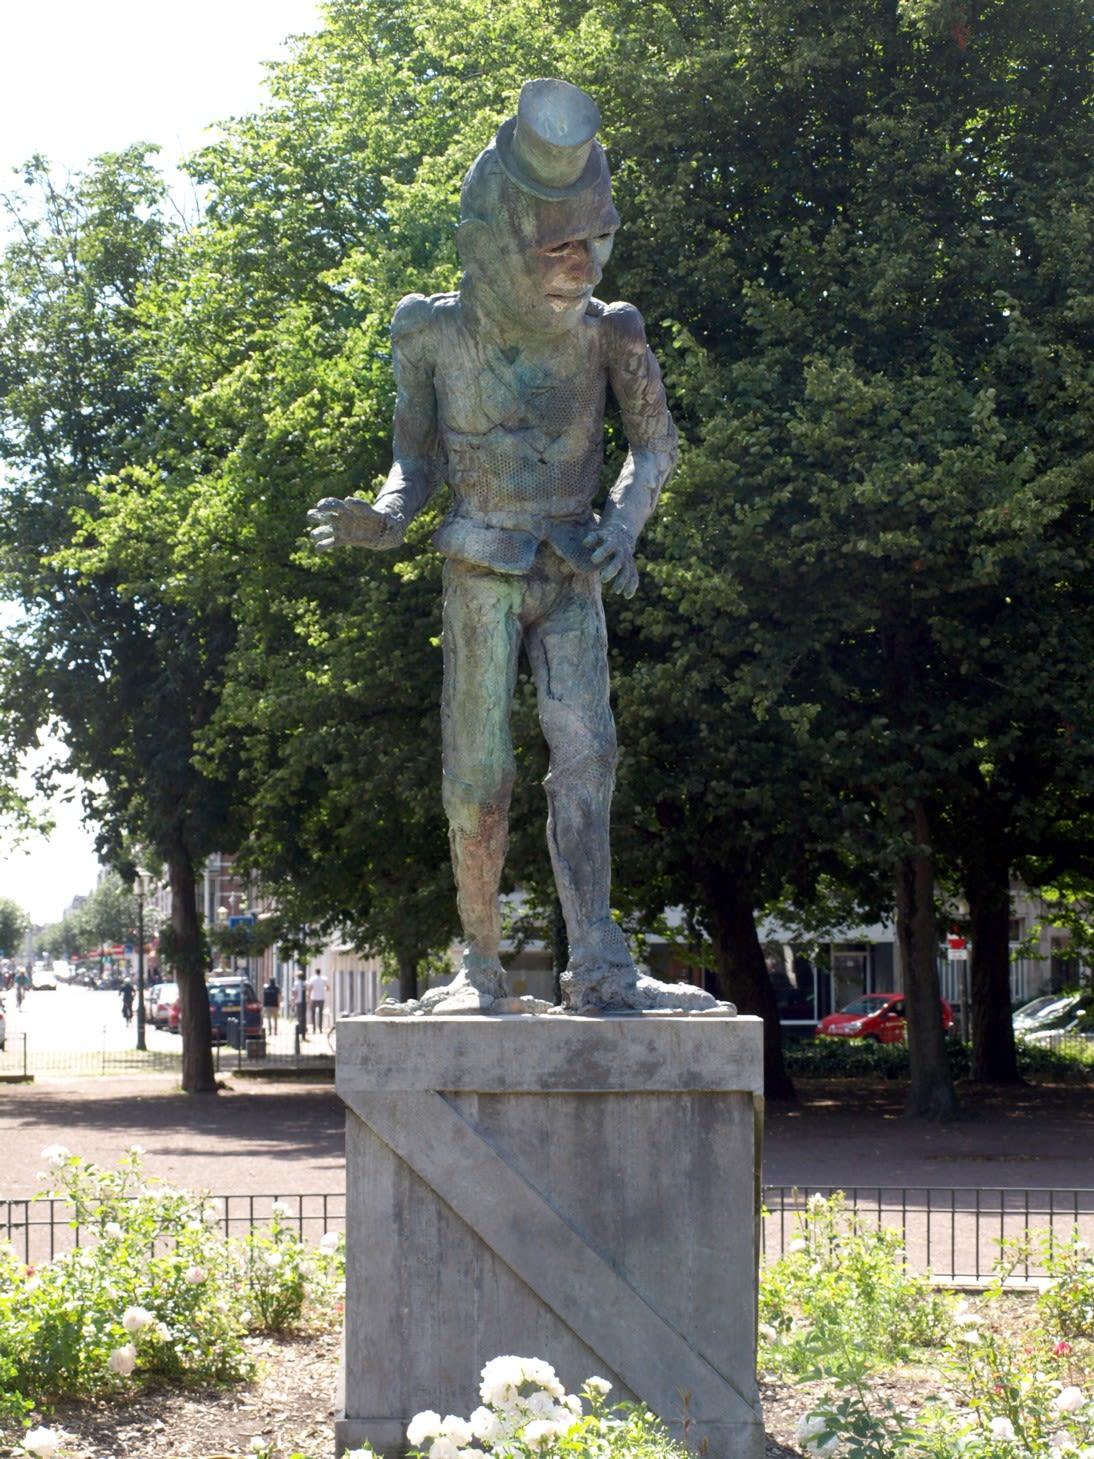 Public Sculptures by Folkert de Jong seen at Koningsplein, Amsterdam - 'The Player'